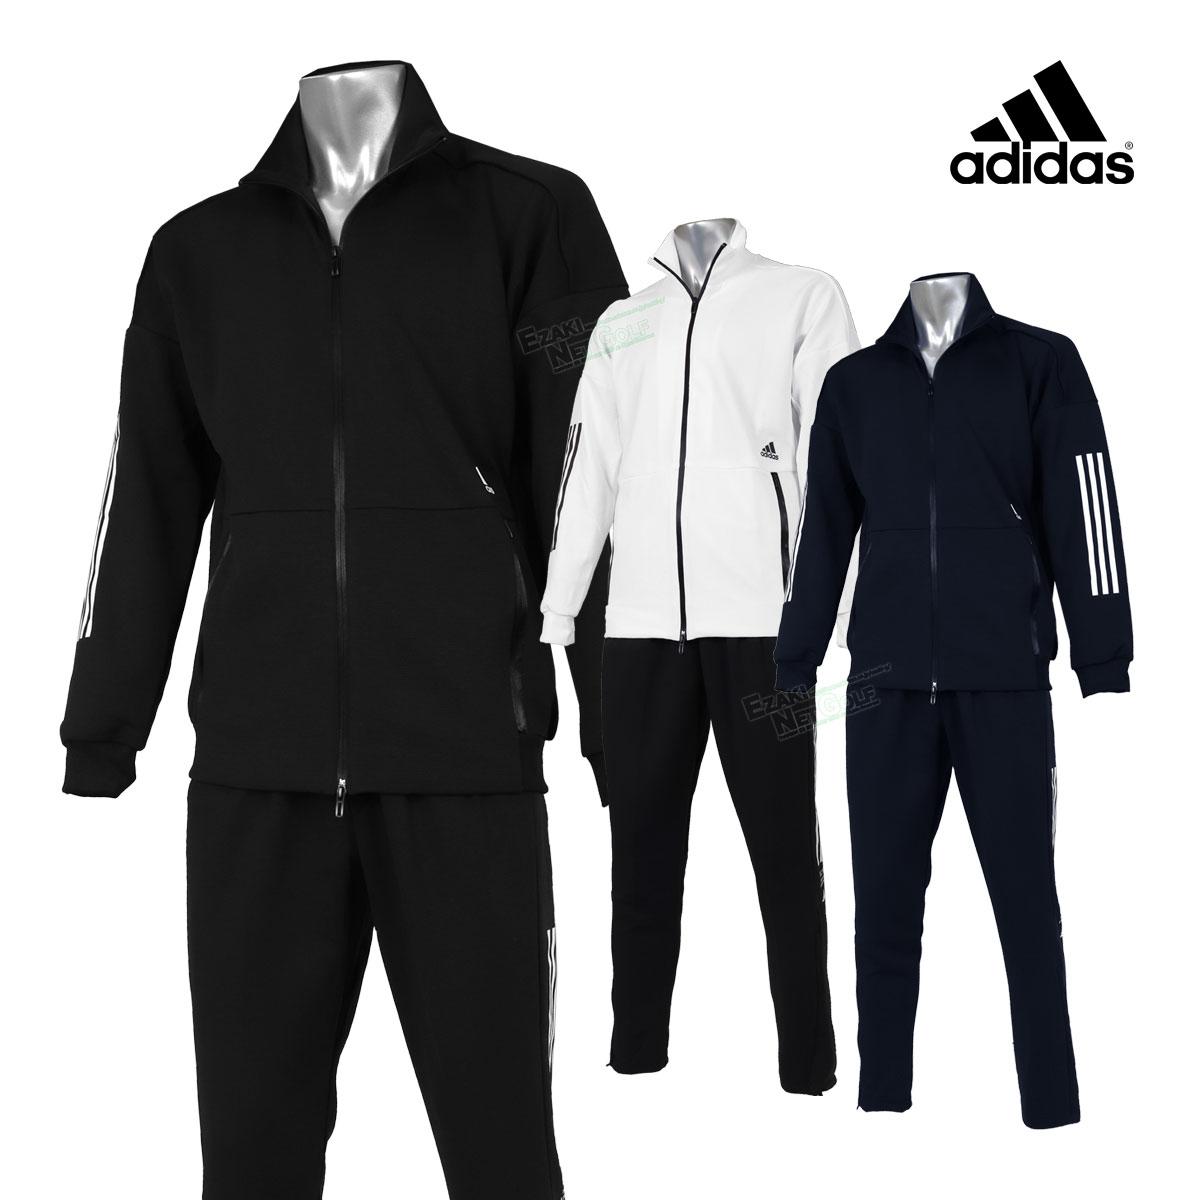 アディダス(adidas) スポーツトレーニングウェア Tech ニットジャケット ニットパンツ 上下セット GUO11/GUN96 【あす楽対応】